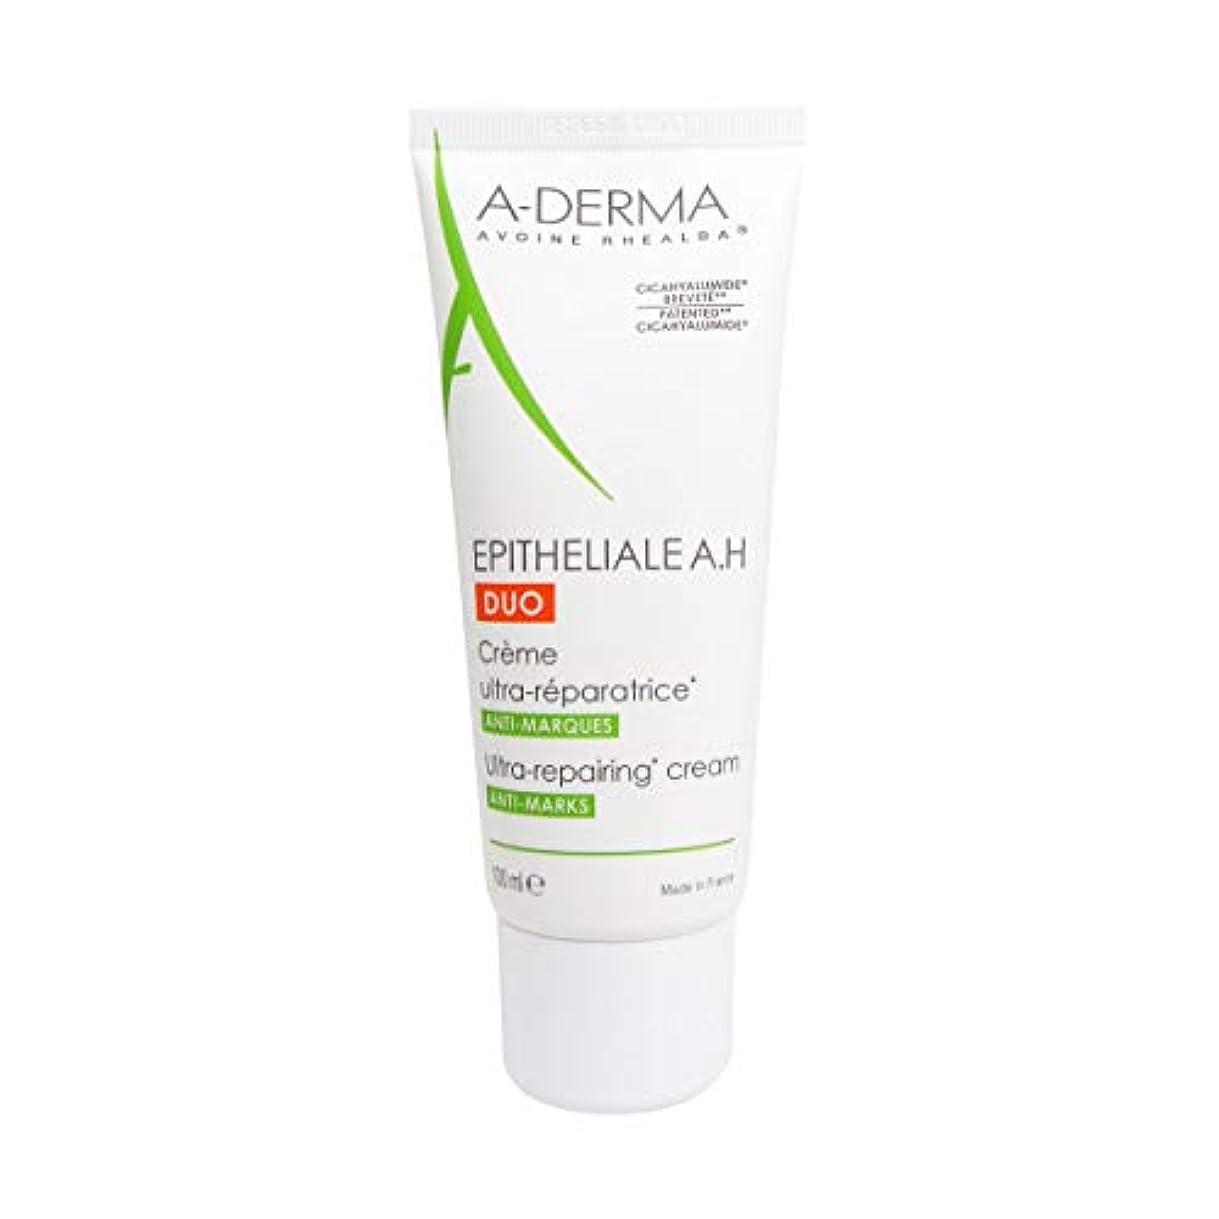 前投薬透明につばA-derma Epitheliale A.h. Duo Ultra-repairing Cream 100ml [並行輸入品]